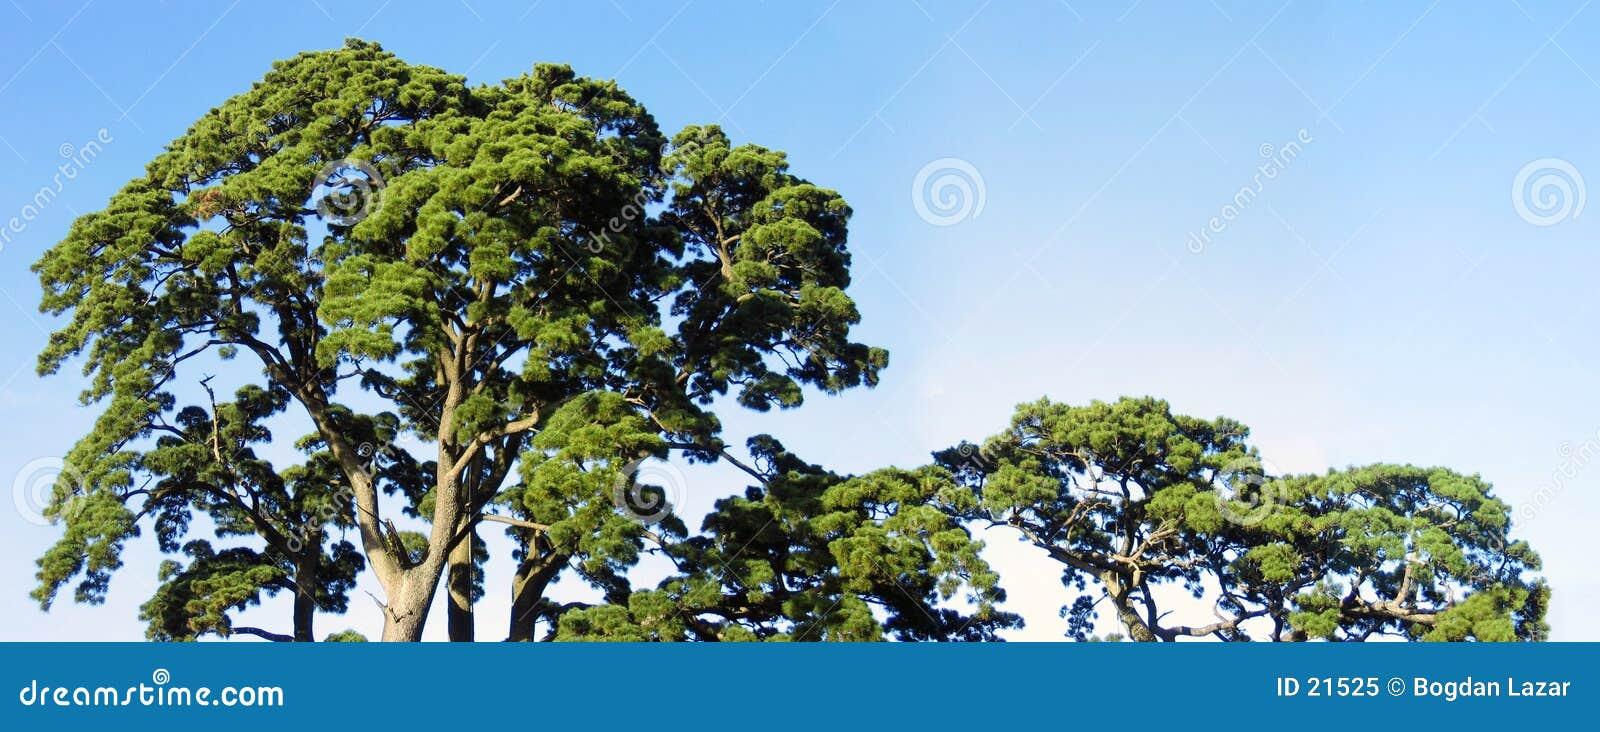 Tapa de los árboles - de par en par